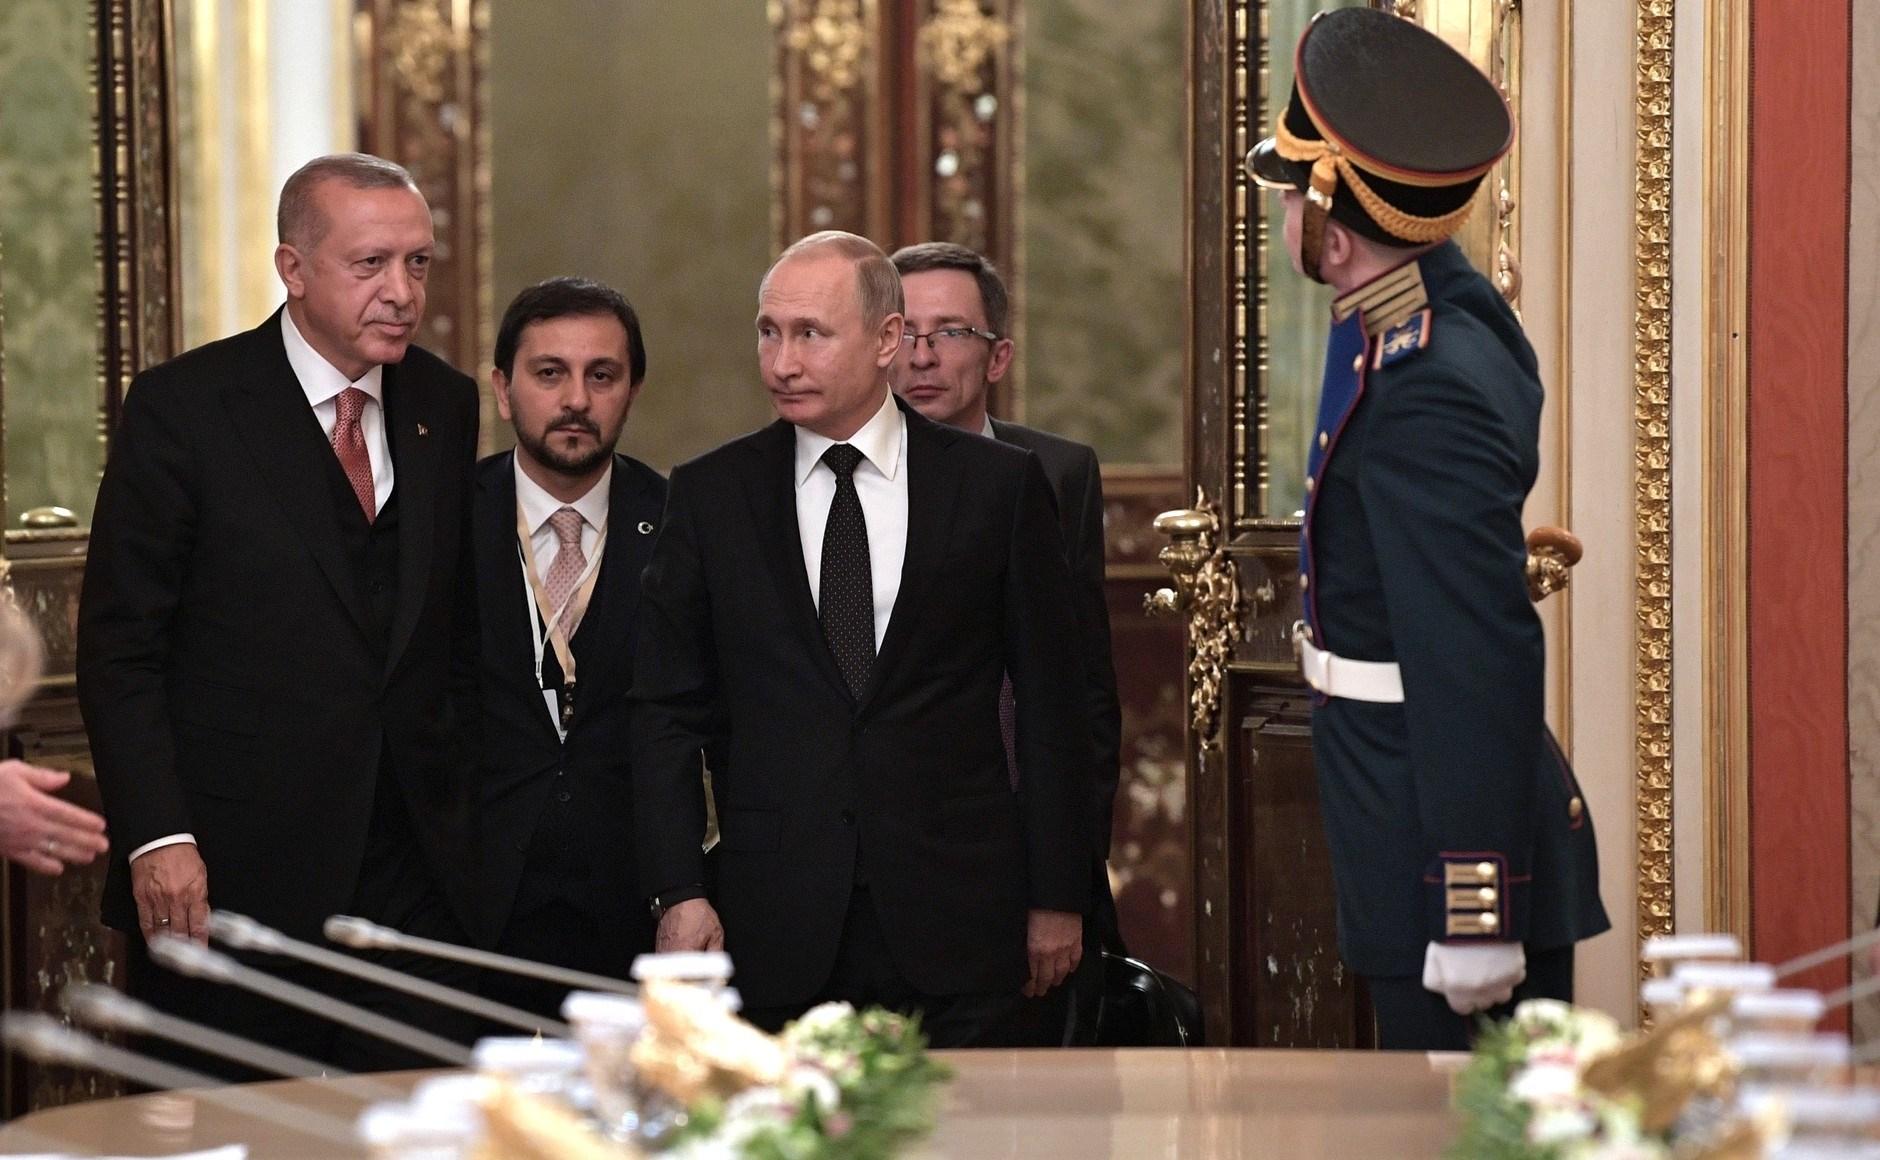 بعد ناغورنو كاراباخ.. هل يجرب إردوغان حظه في القرم؟